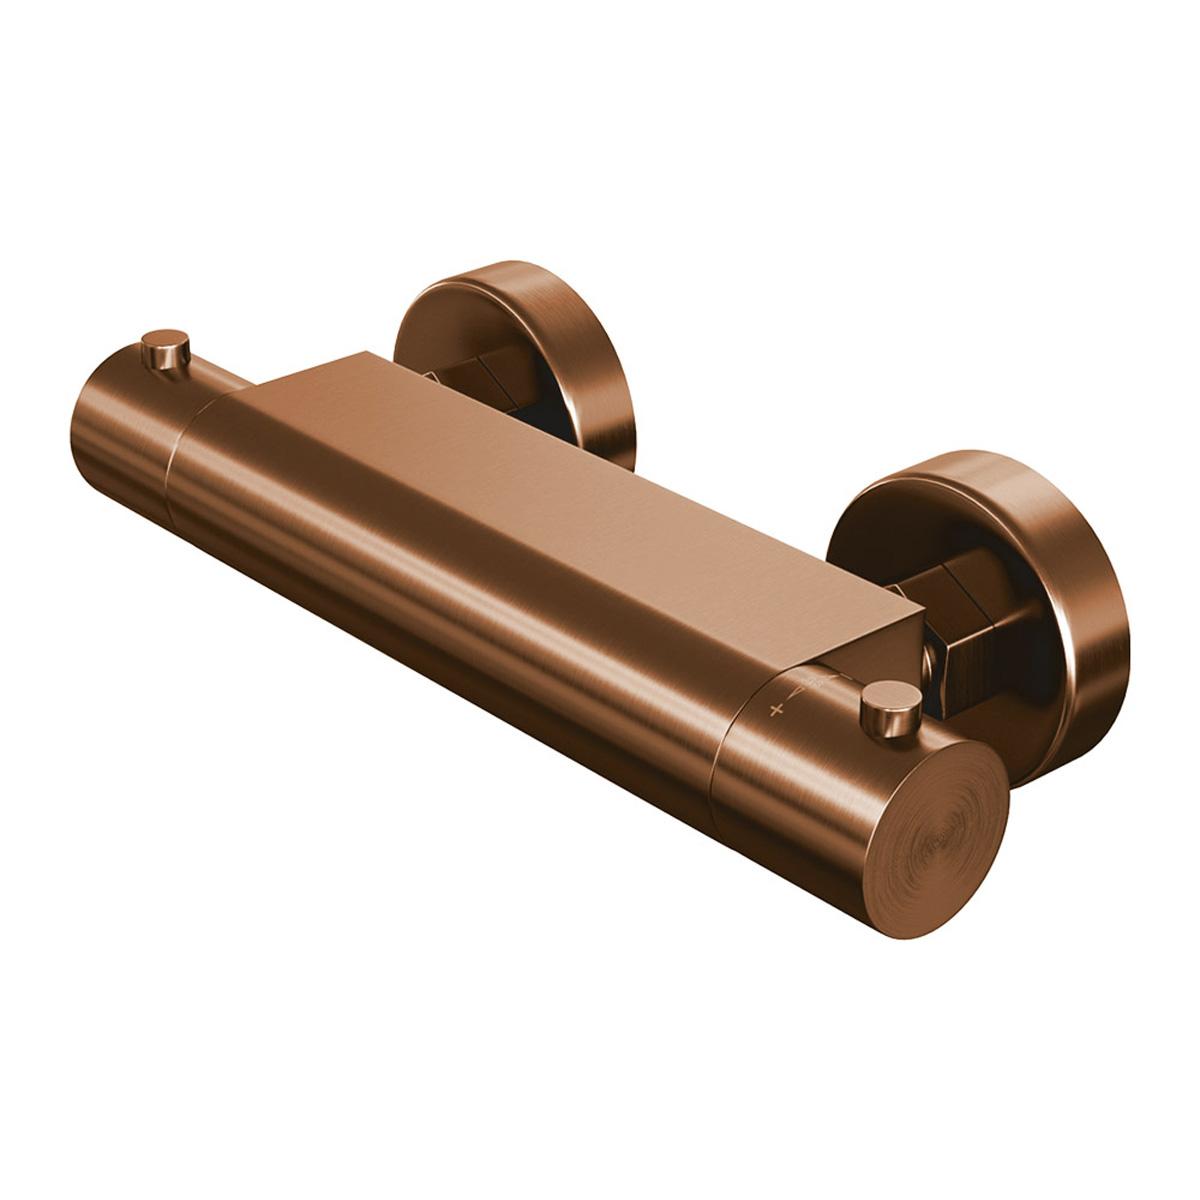 Brauer Copper Edition douche thermostaatkraan opbouw Koper Geborsteld PVD